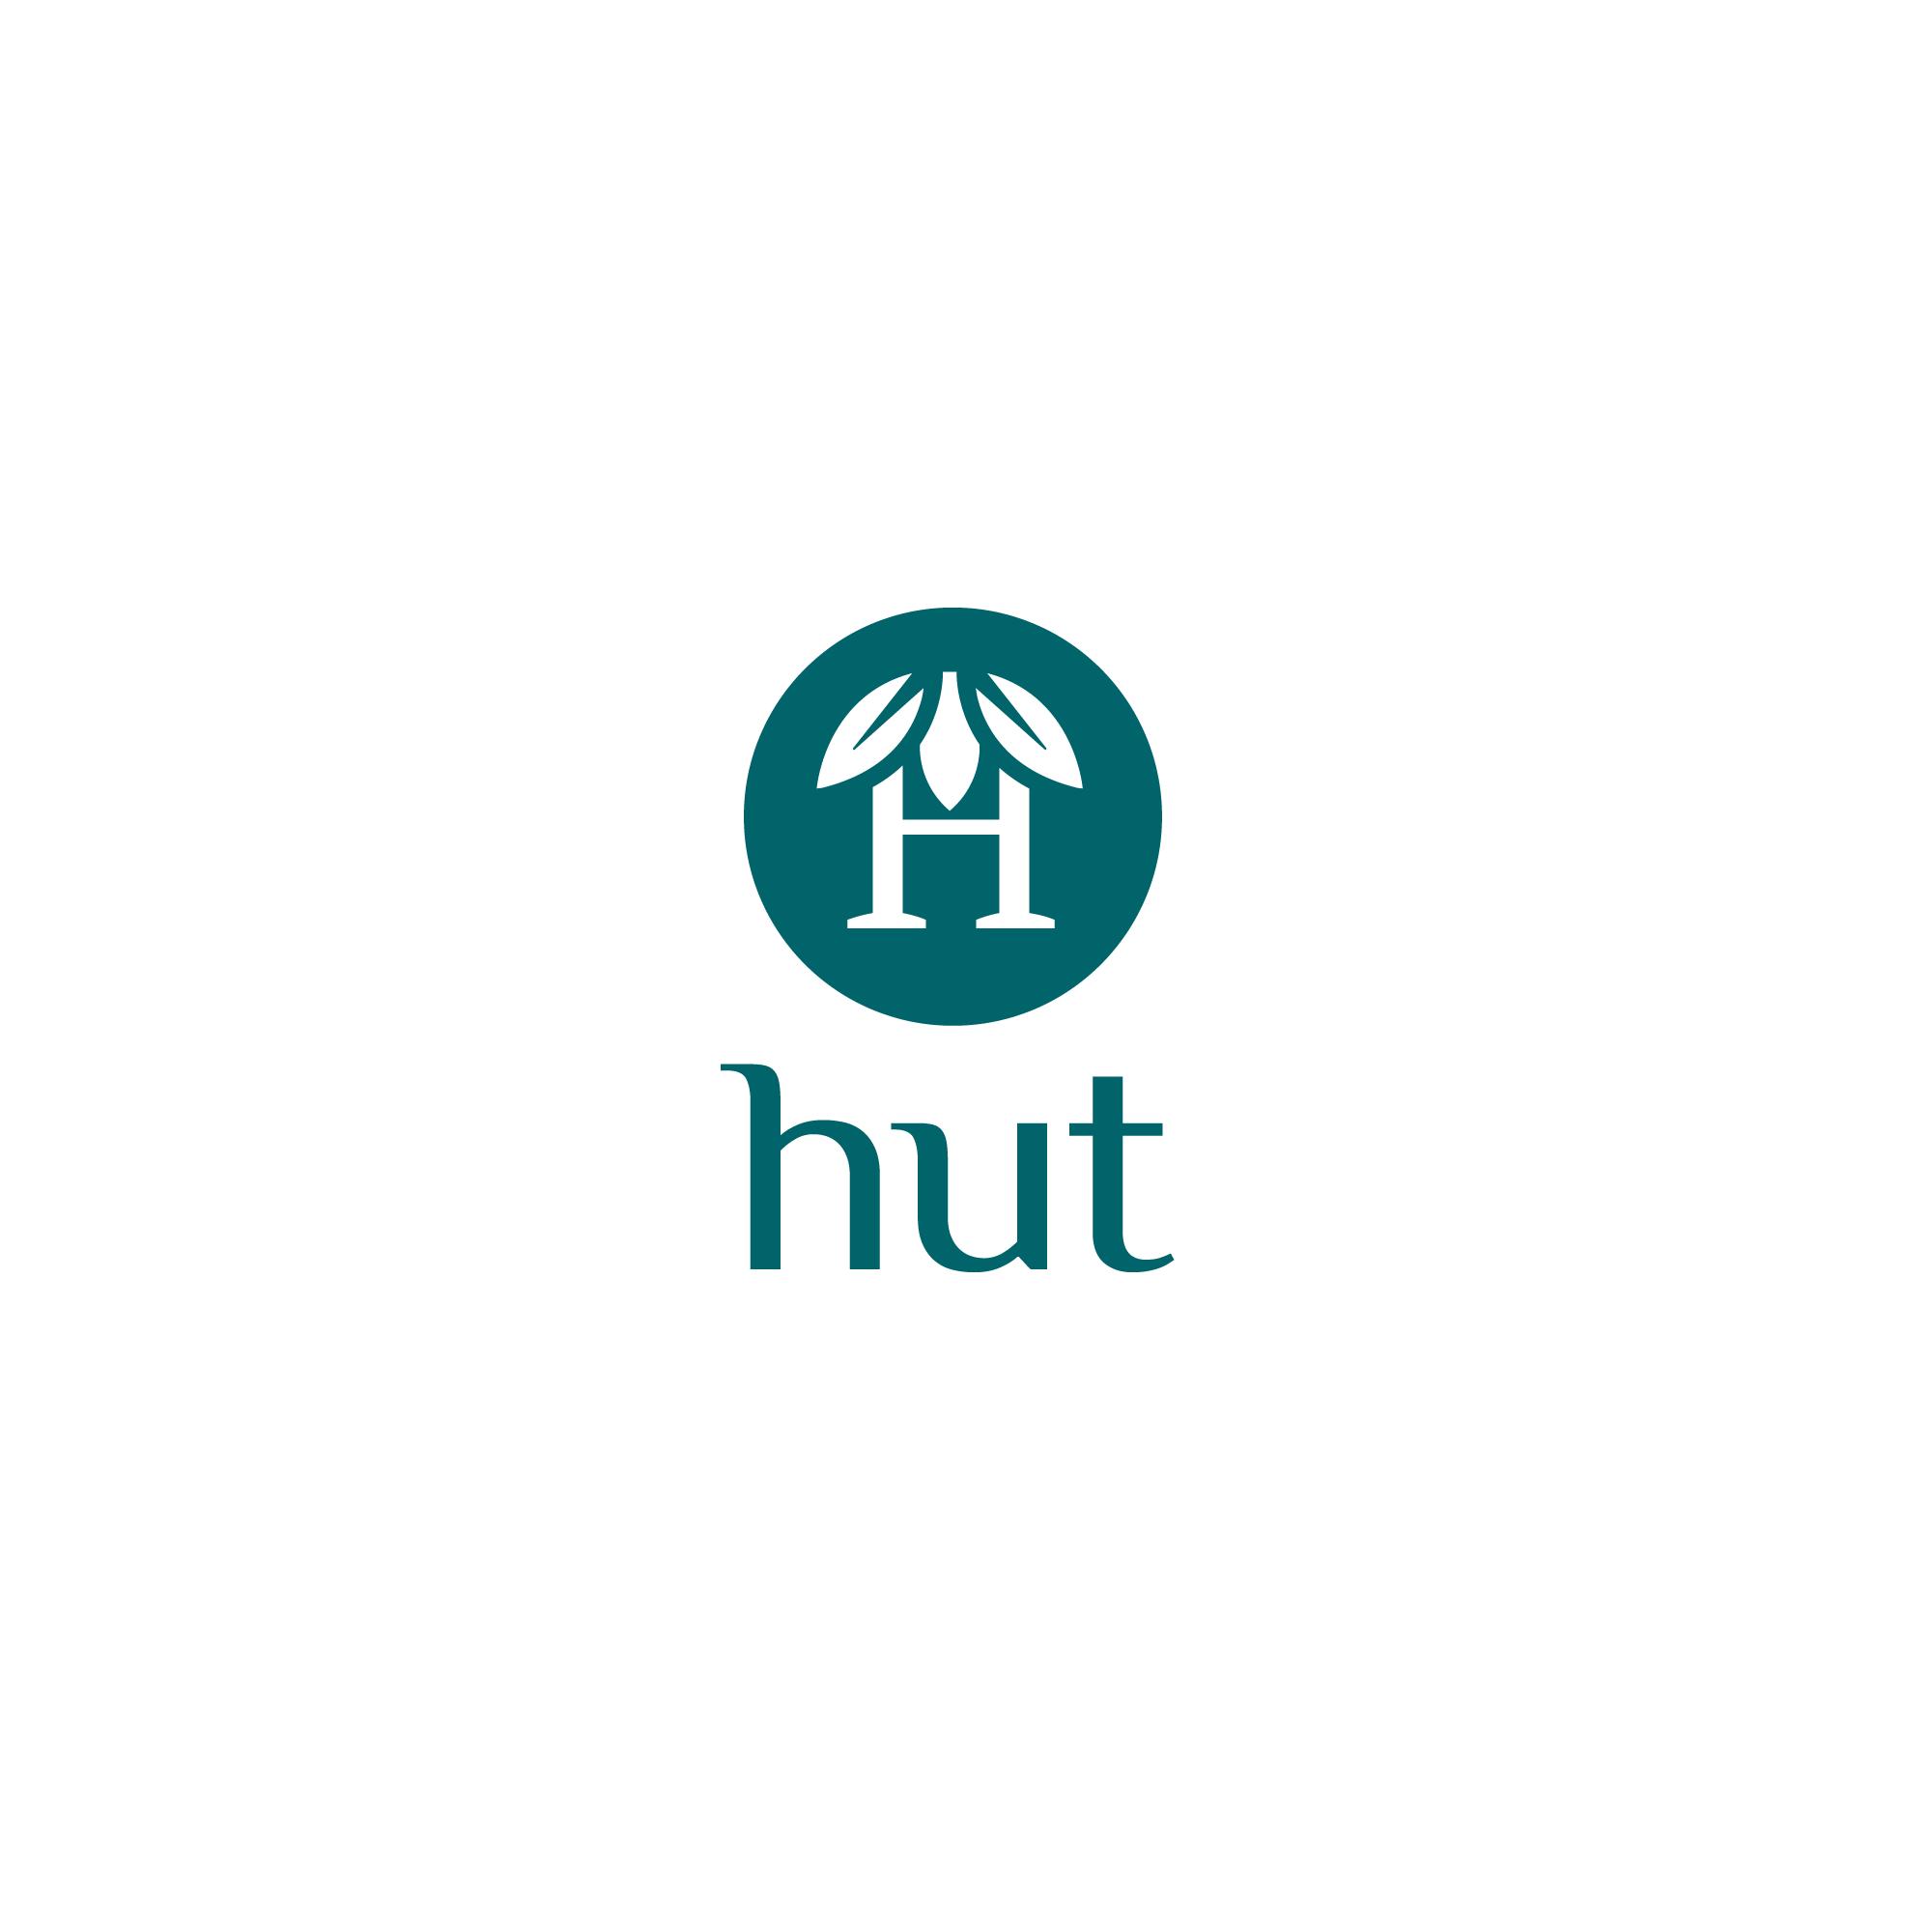 H Letter Images.For Sale Hut Leaf Letter H Logo